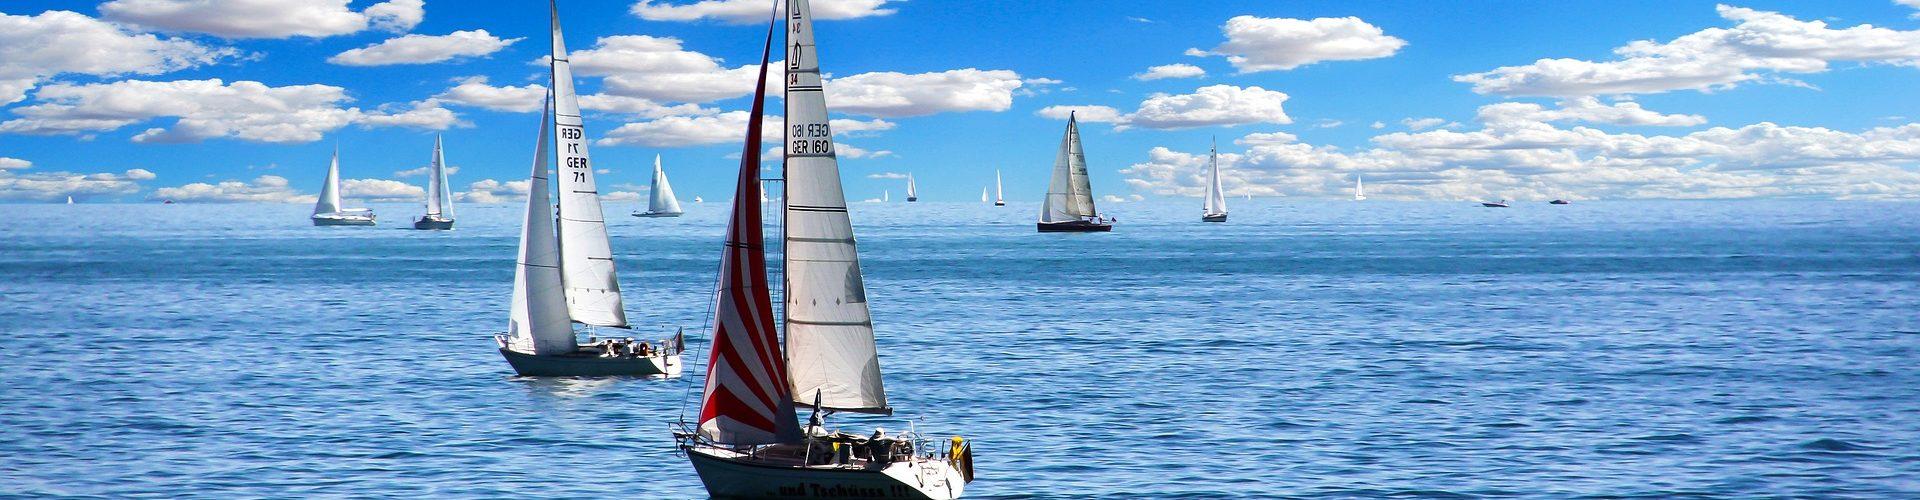 segeln lernen in Siegen segelschein machen in Siegen 1920x500 - Segeln lernen in Siegen